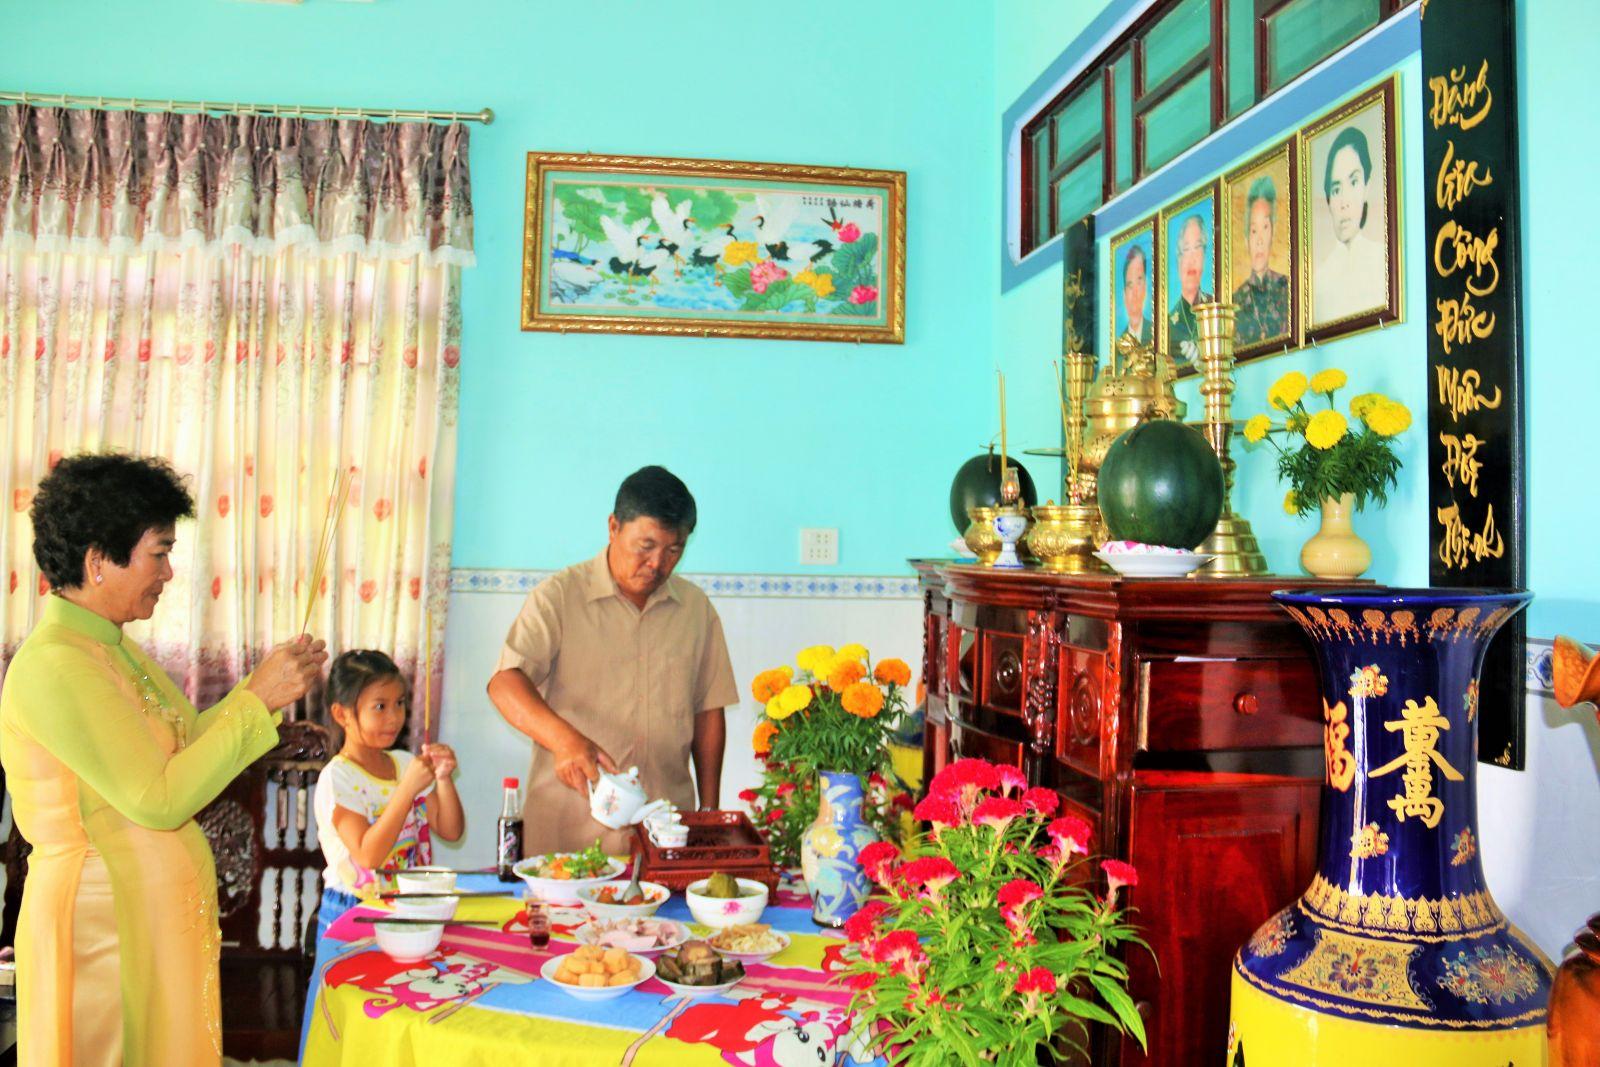 30 Tết, gia đình cúng rước ông bà. Phong tục lâu đời này cho thấy lối sống thảo thơm, hiếu kính của người dân Việt Nam.